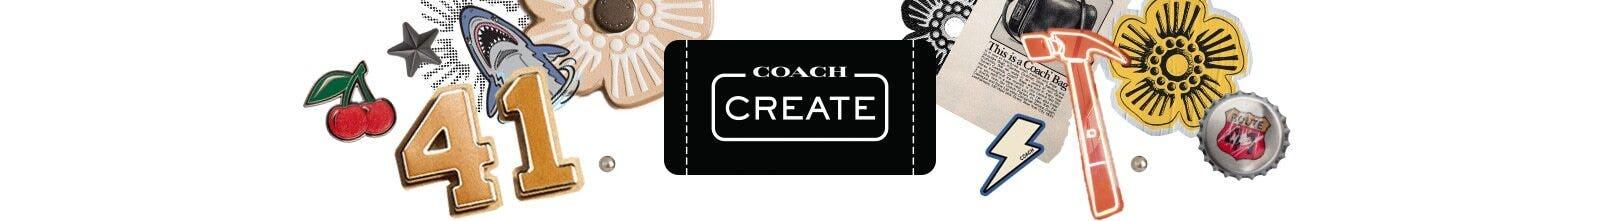 Coach Create